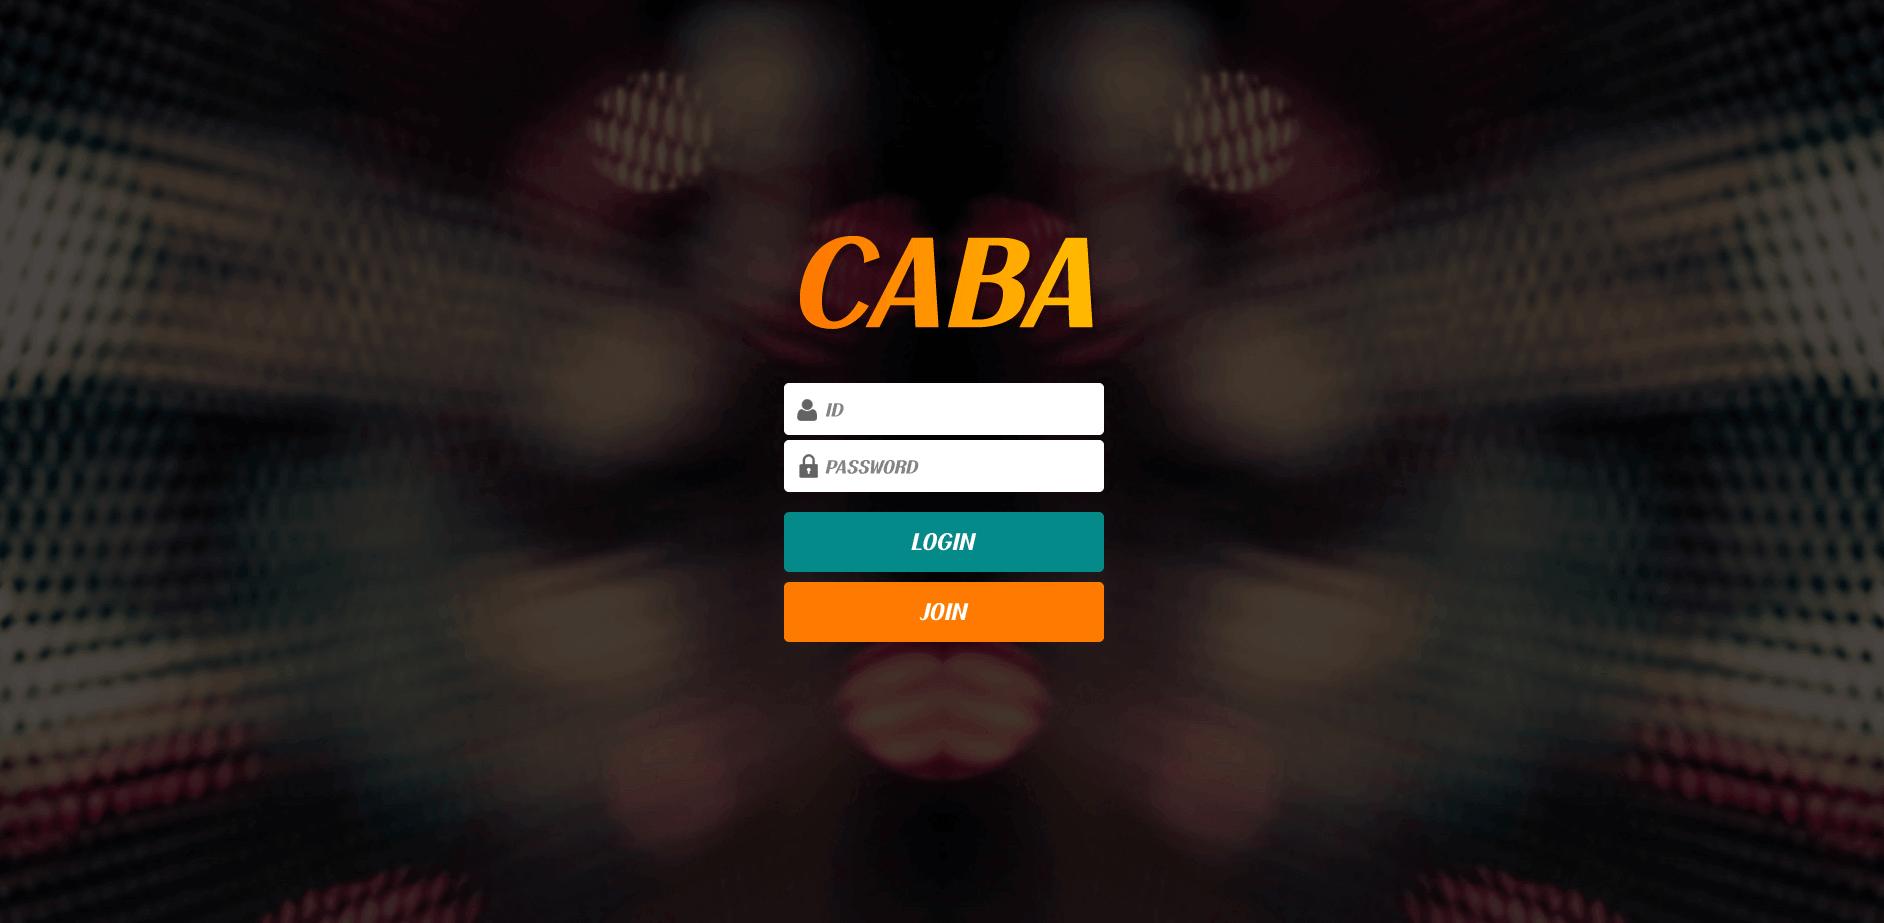 [먹튀사이트]CABA먹튀 카바먹튀 caba-19.com 먹튀검증 토토먹튀 토토사이트 먹튀검증커뮤니티